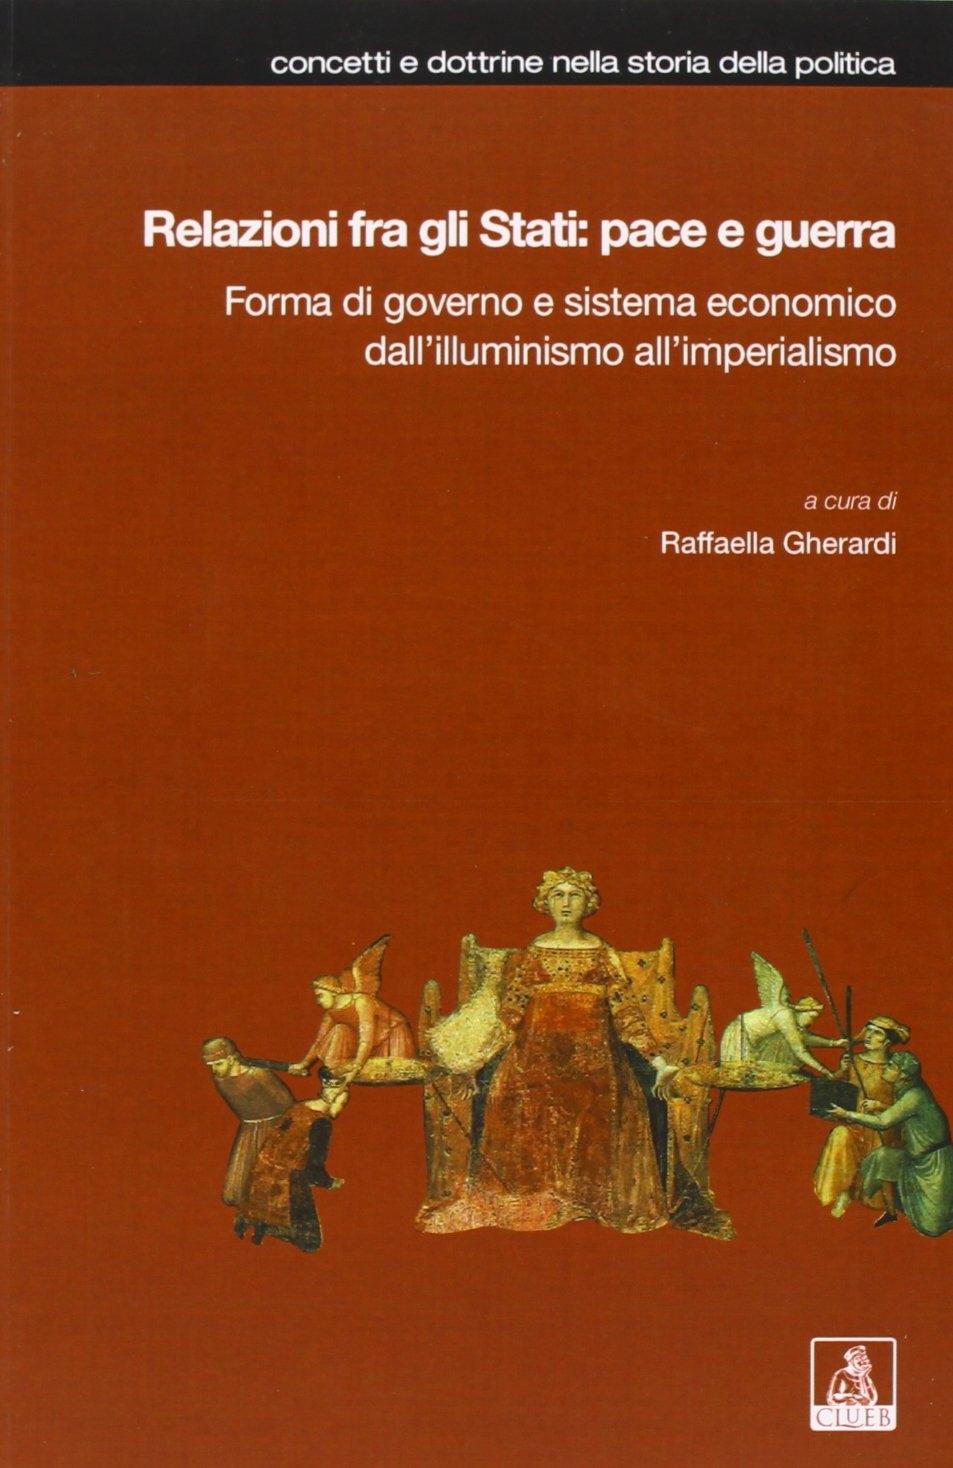 Relazioni fra gli Stati: pace e guerra. Forma di governo e sistema economico dall'illuminismo all'imperialismo.